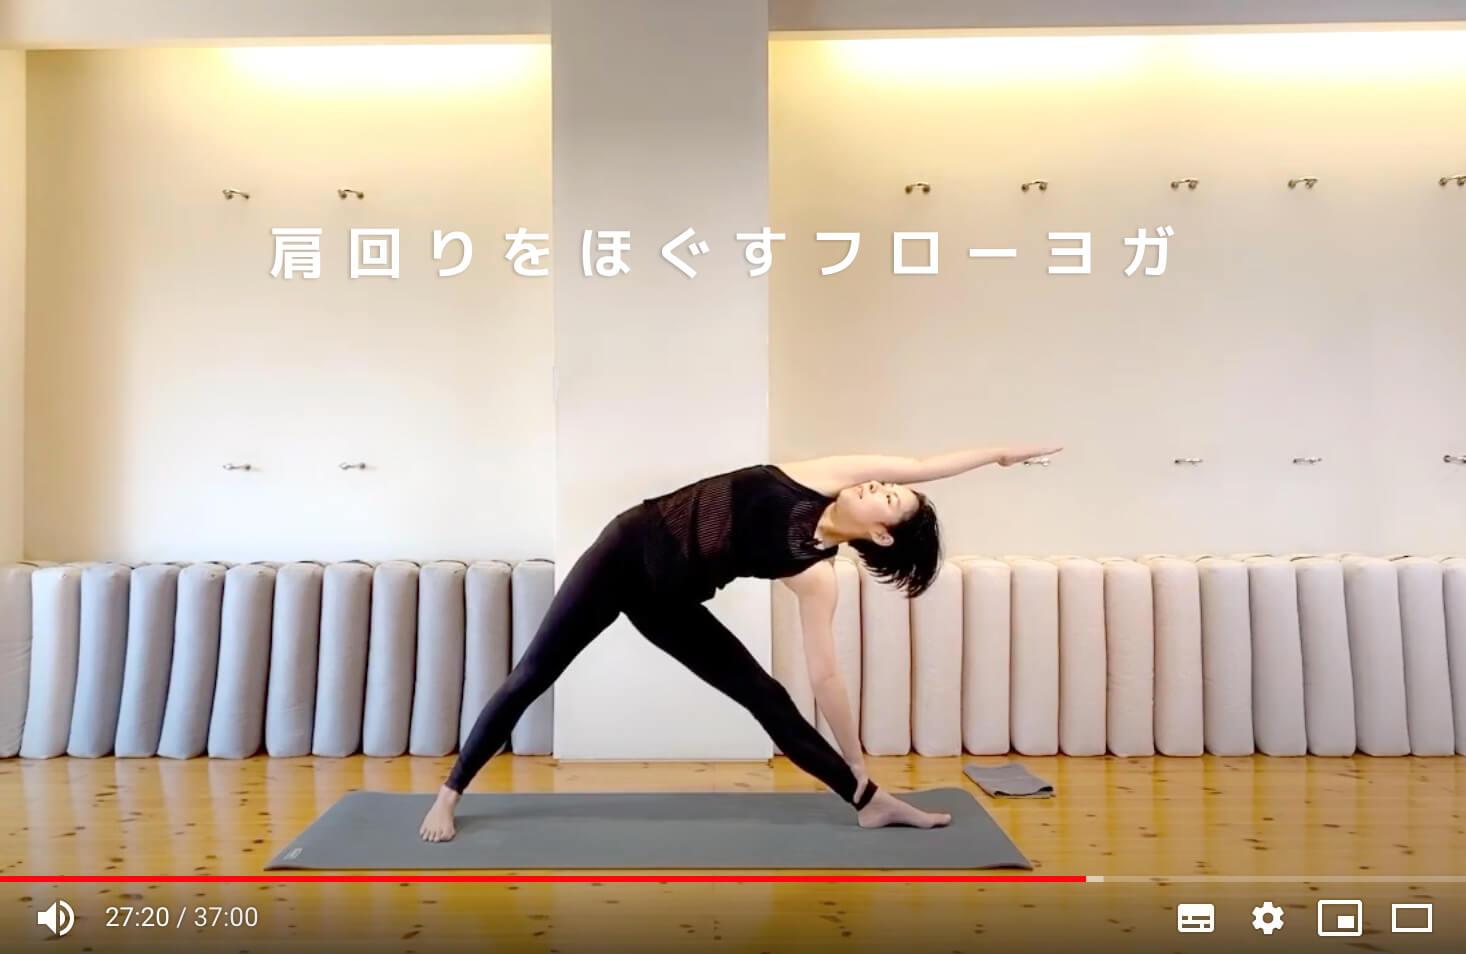 オハナスマイルスタジオでトリコナーサナをとる片野瑛子先生